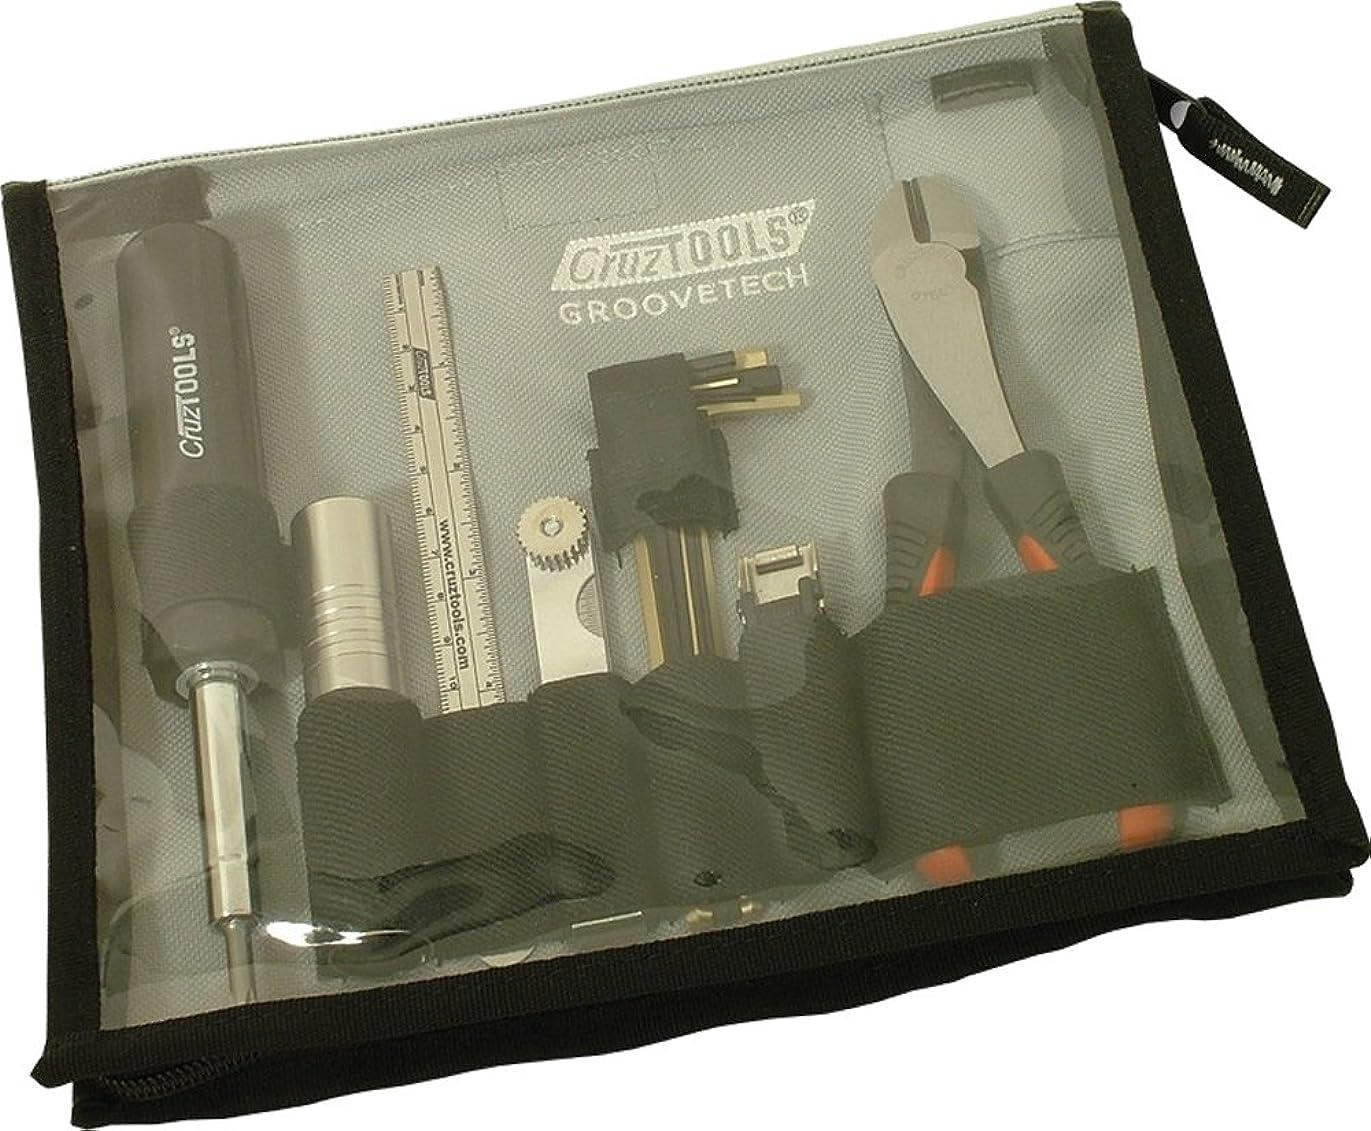 トークネスト改善するGroove Tech Tools ベース用 メンテナンス工具 GrooveTech Bass Tech Kit